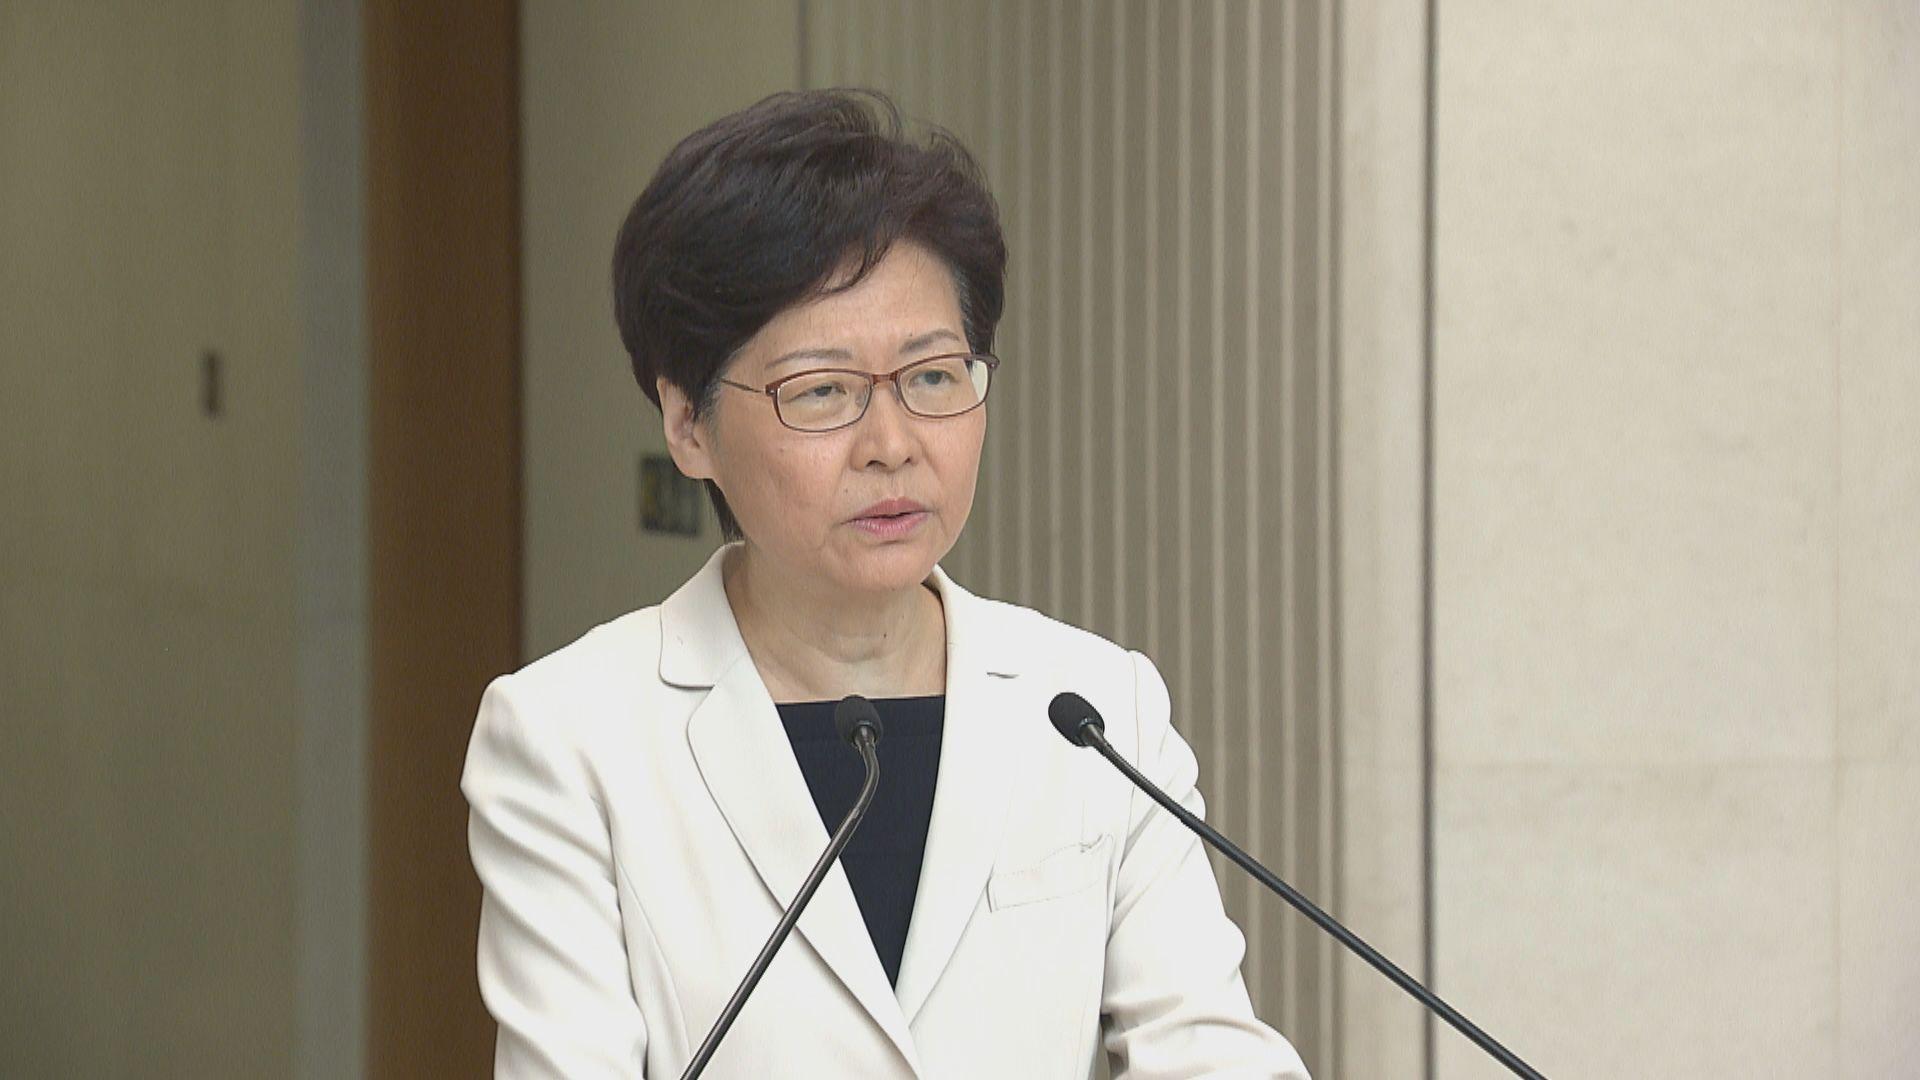 【最新】林鄭:不會成立獨立調查委員會調查警隊